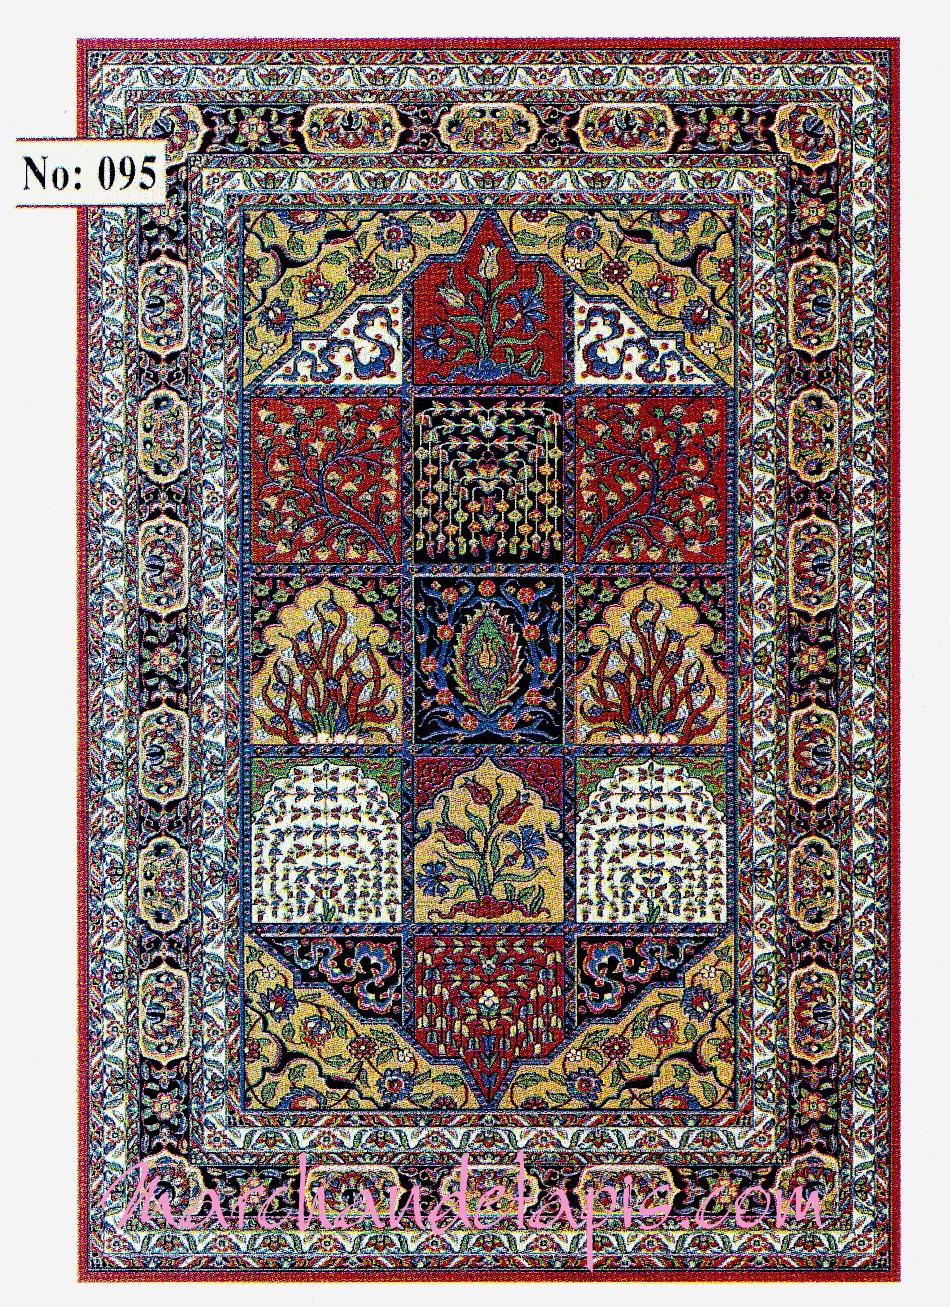 tapis turquie 095 rt 150cm x 230cm marchand de tapis. Black Bedroom Furniture Sets. Home Design Ideas